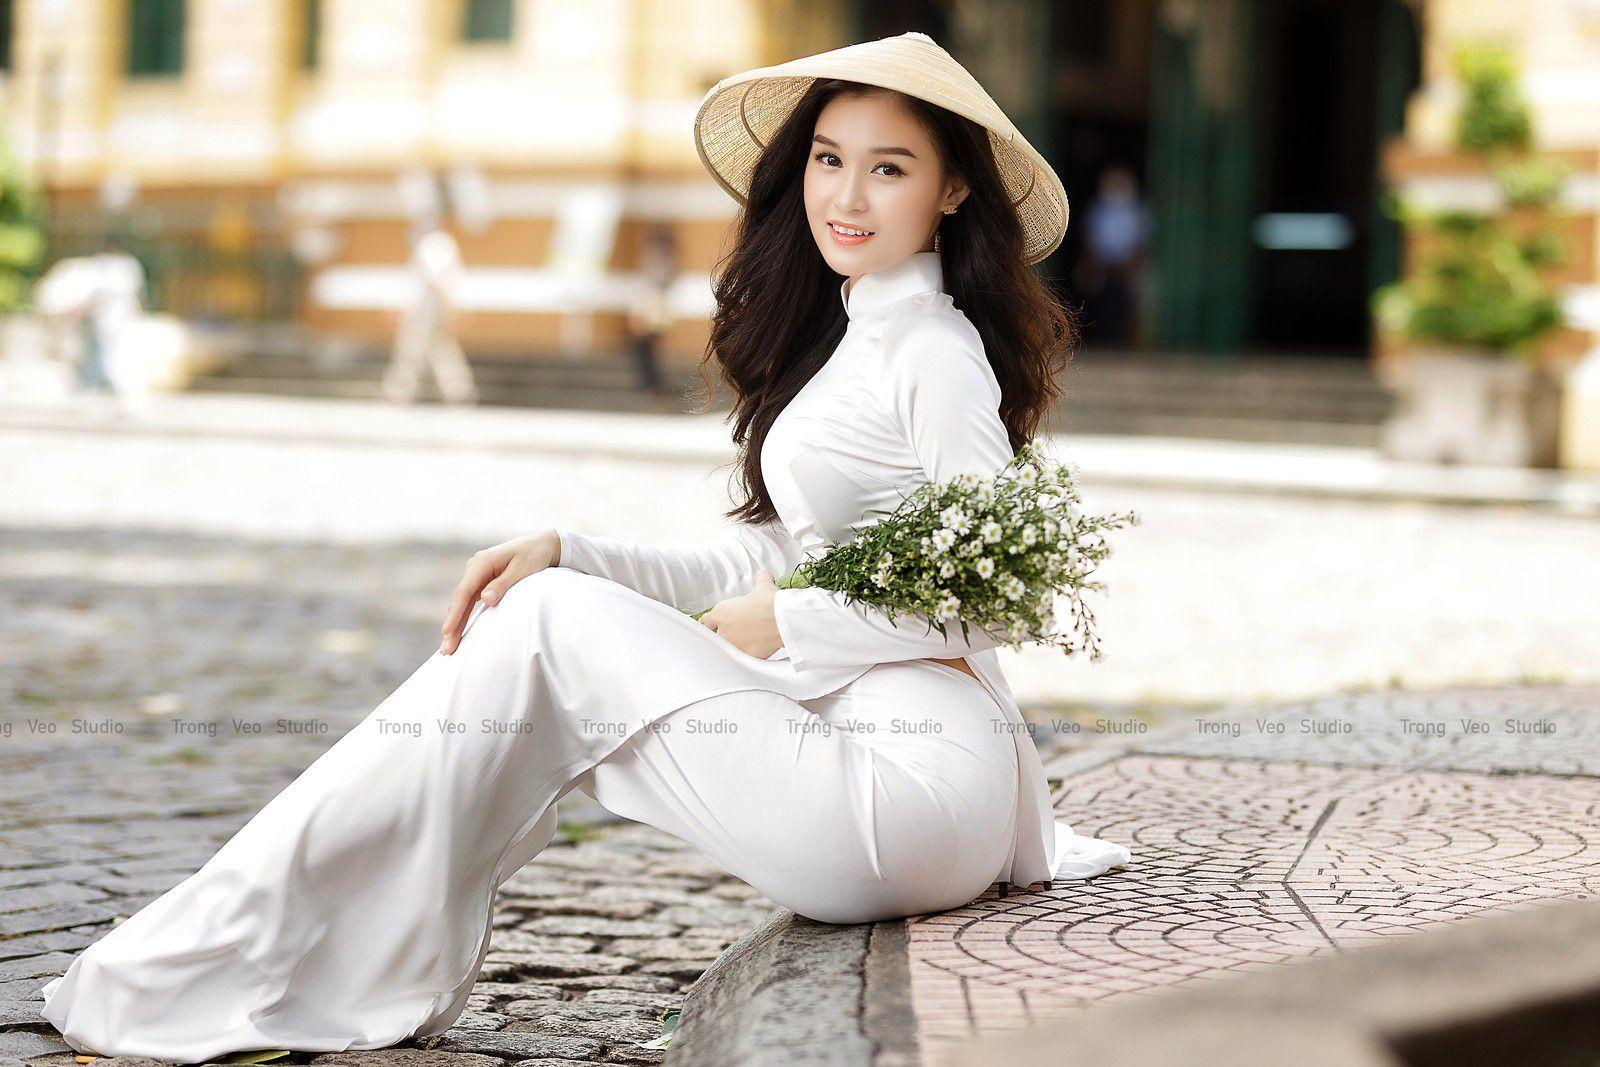 Ngắm bộ ảnh hoa khôi Phương Đoan đẹp hú hồn trong tà áo dài trắng thướt tha